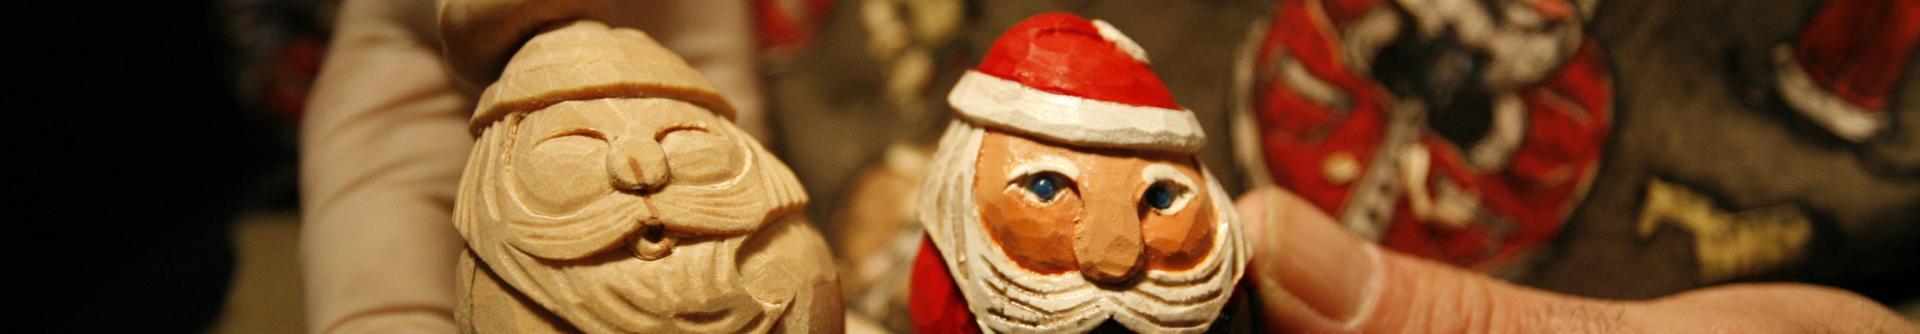 Hand-Carved Santa at the Christkindlmarkt in Bethlehem